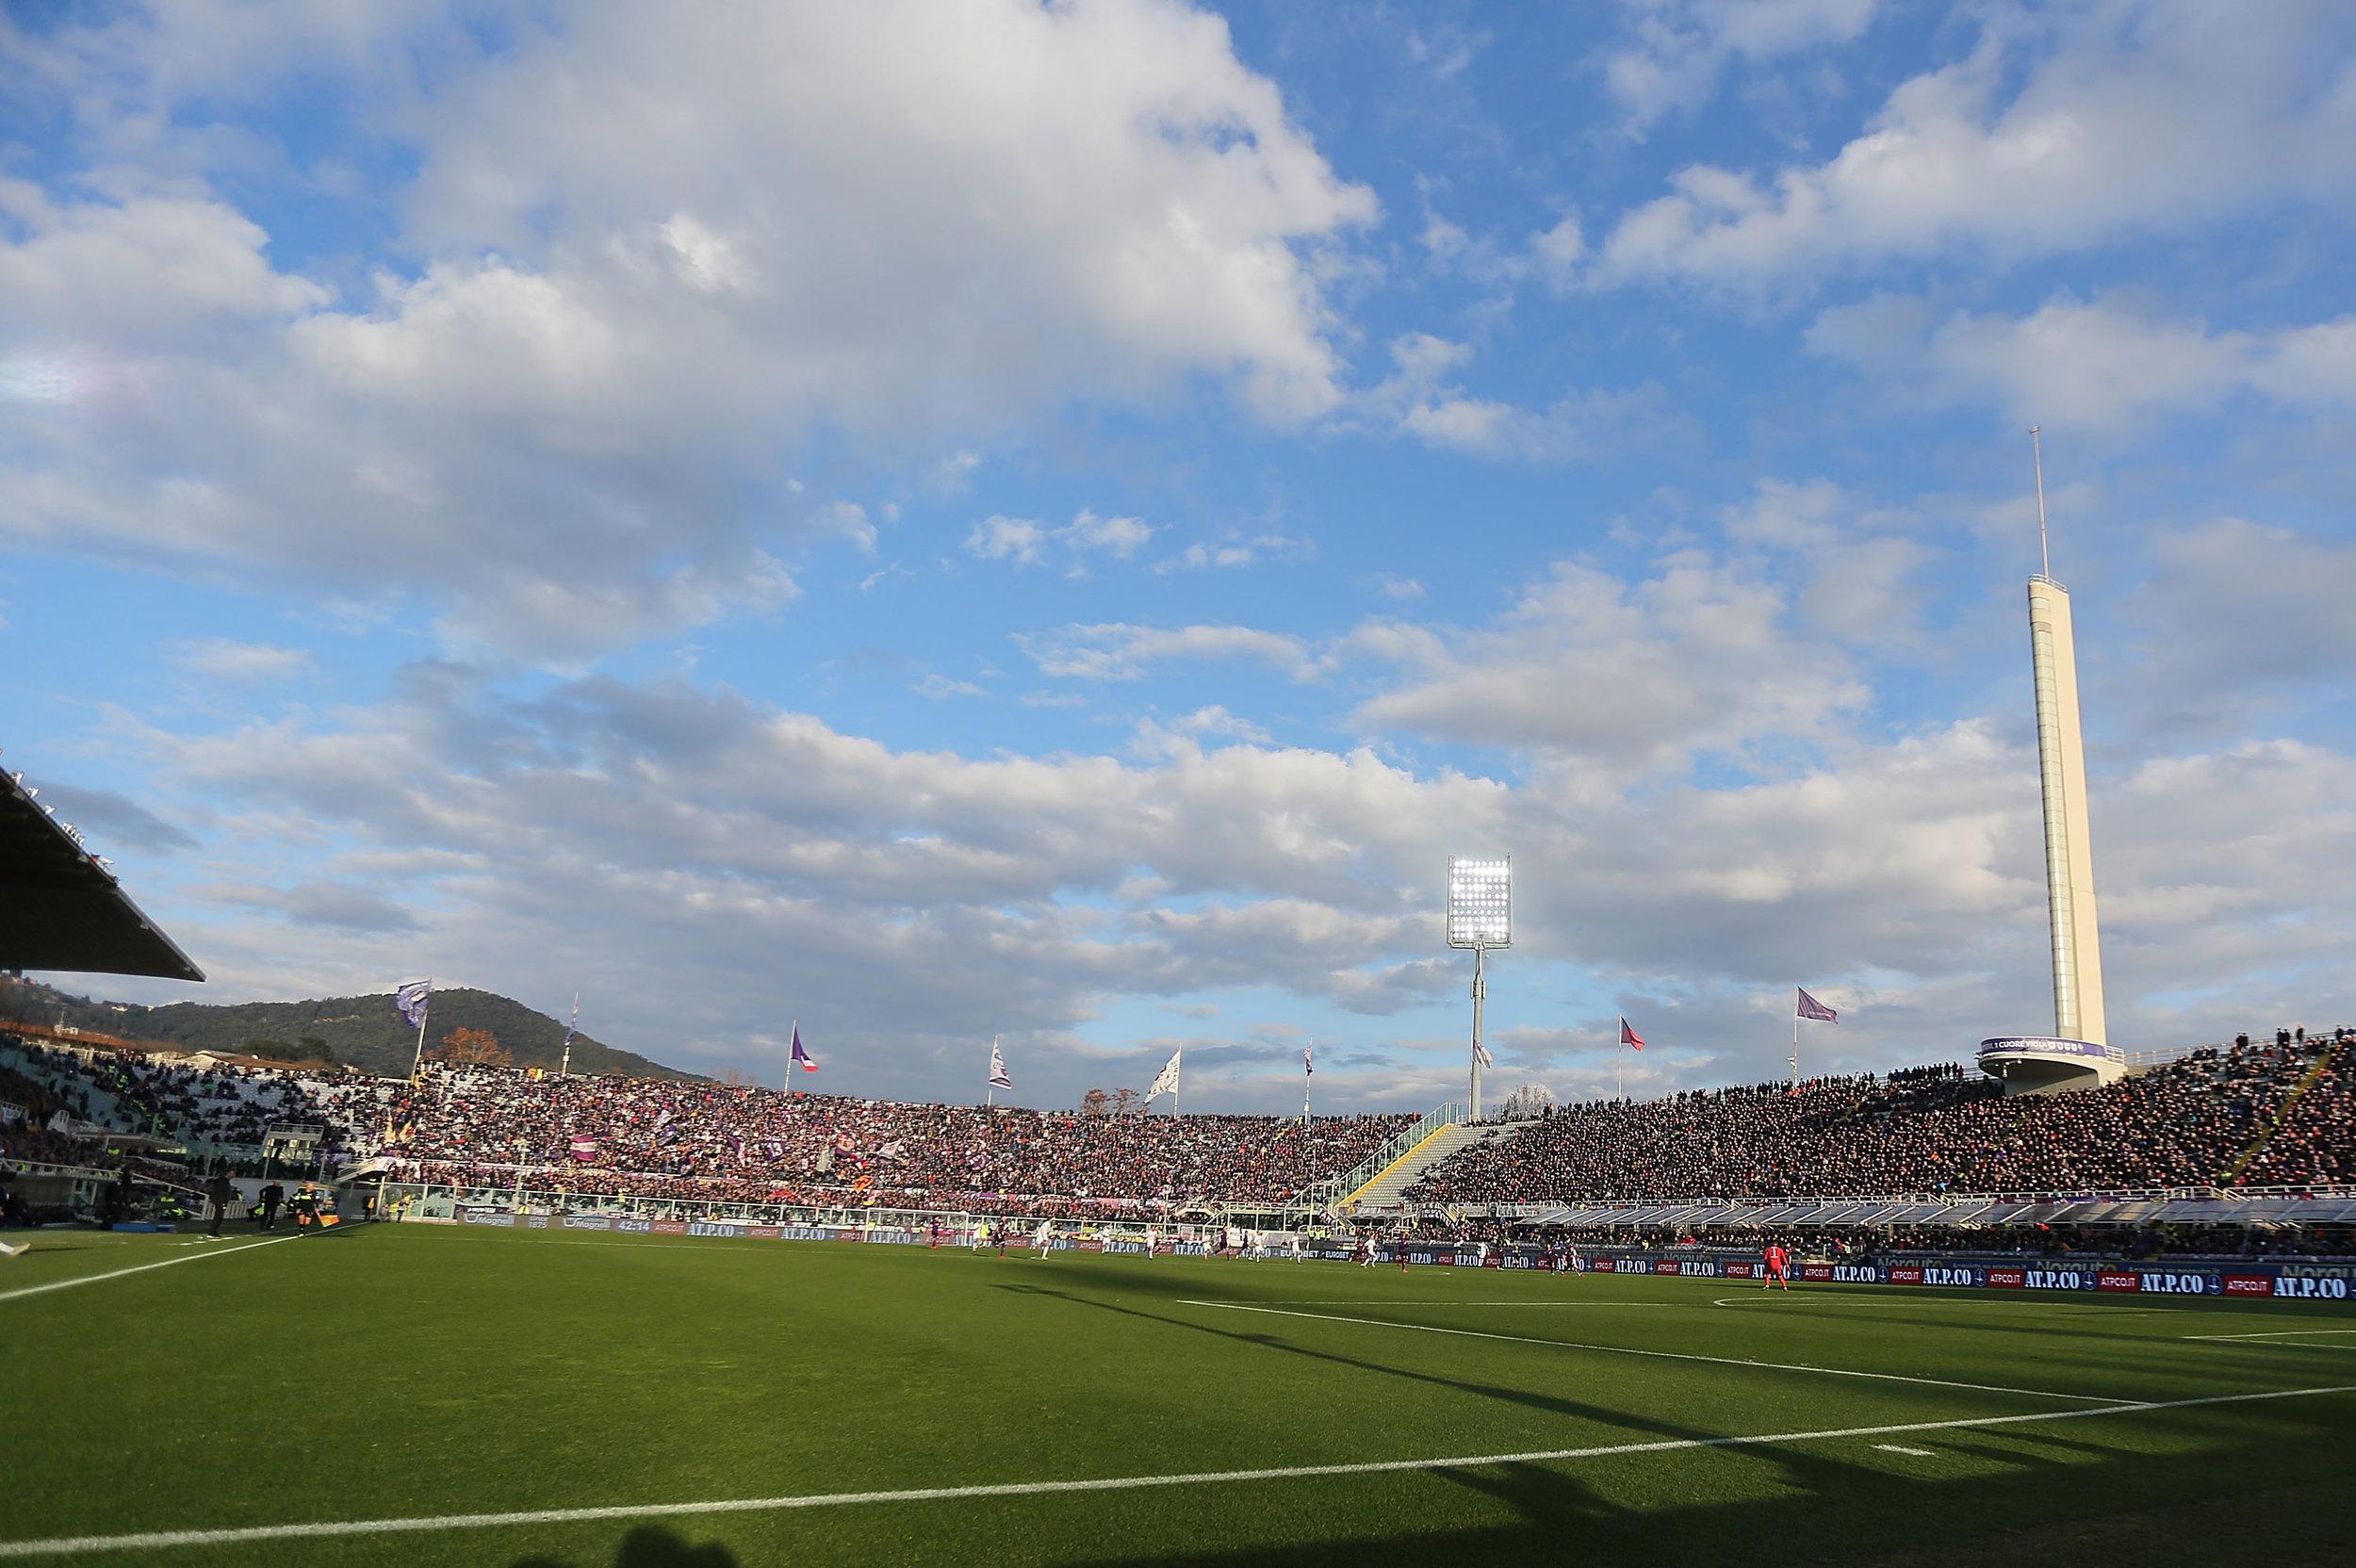 Fiorentina: Lige siden 2008 har Firenze-klubben ønsket at udskifte det ikoniske, men gamle, Stadio Artemio Franchi ud med et nyt og tidssvarende topstadion. Flere år er gået på at udtænke planerne for byggeriet, der også skal huse diverse kommercielle faciliteter såsom et shoppingcenter, et hotel og boliger. Også placeringen af det nye stadionkompleks har trukket tænder ud. I sidste ende er valget faldet på Mercafir-området i det nordvestlige Firenze - vældig tæt på byens lufthavn. Det nye stadion får plads til 40.000 tilskuere, og kommer designmæssigt til at minde lidt om Juventus' Allianz Stadium, der også kan huse ca. 40.000 tilskuere. Første spadestik til stadionbyggeriet er endnu ikke taget. I januar meldte Firenzes borgmester ud, at han tror på, at det nye stadion kan stå klar i løbet af 2023. Foto: Gabriele Maltinti/Getty Images